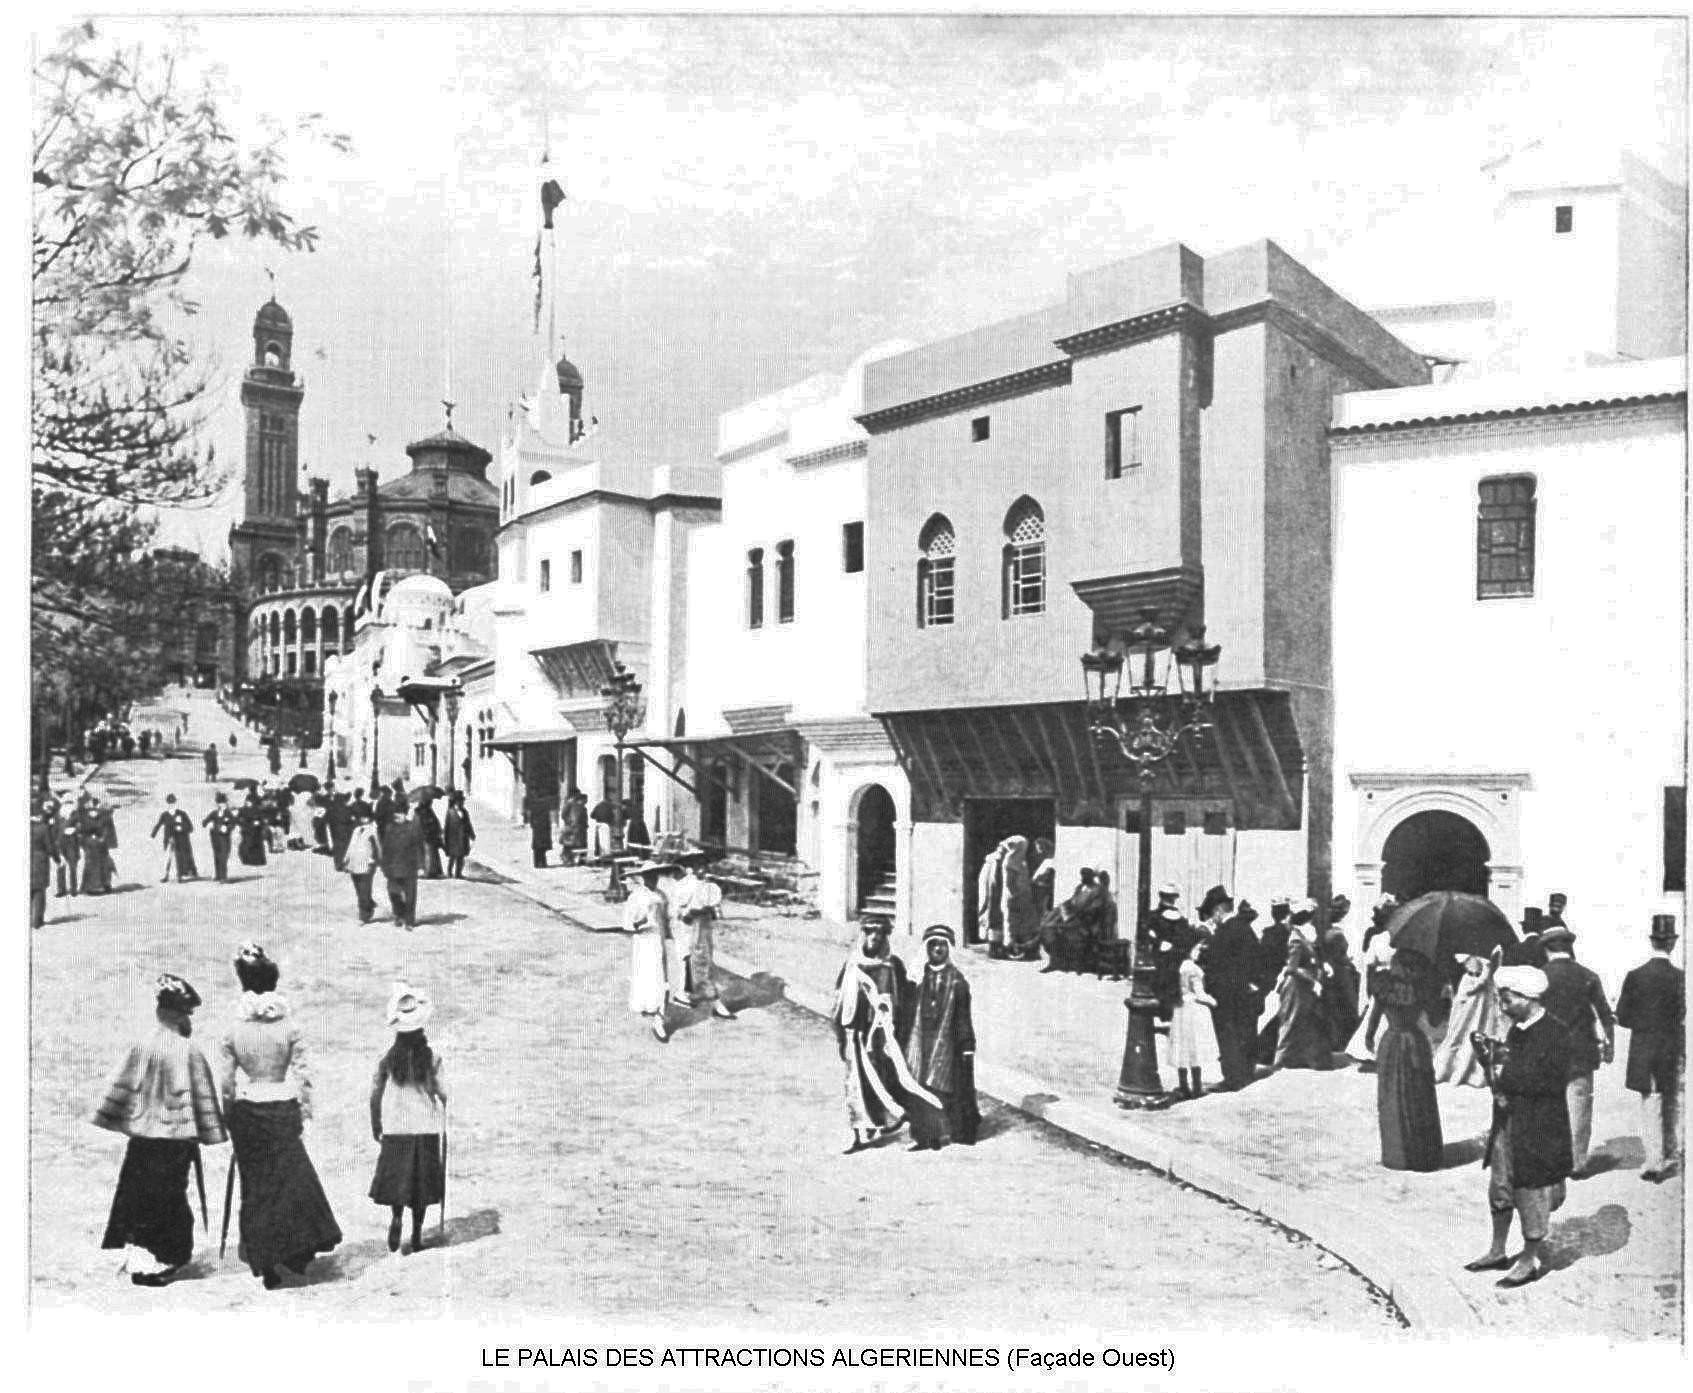 Ressources histoire exposition universelle 1900 le palais des attractions algeriennes facade ouest